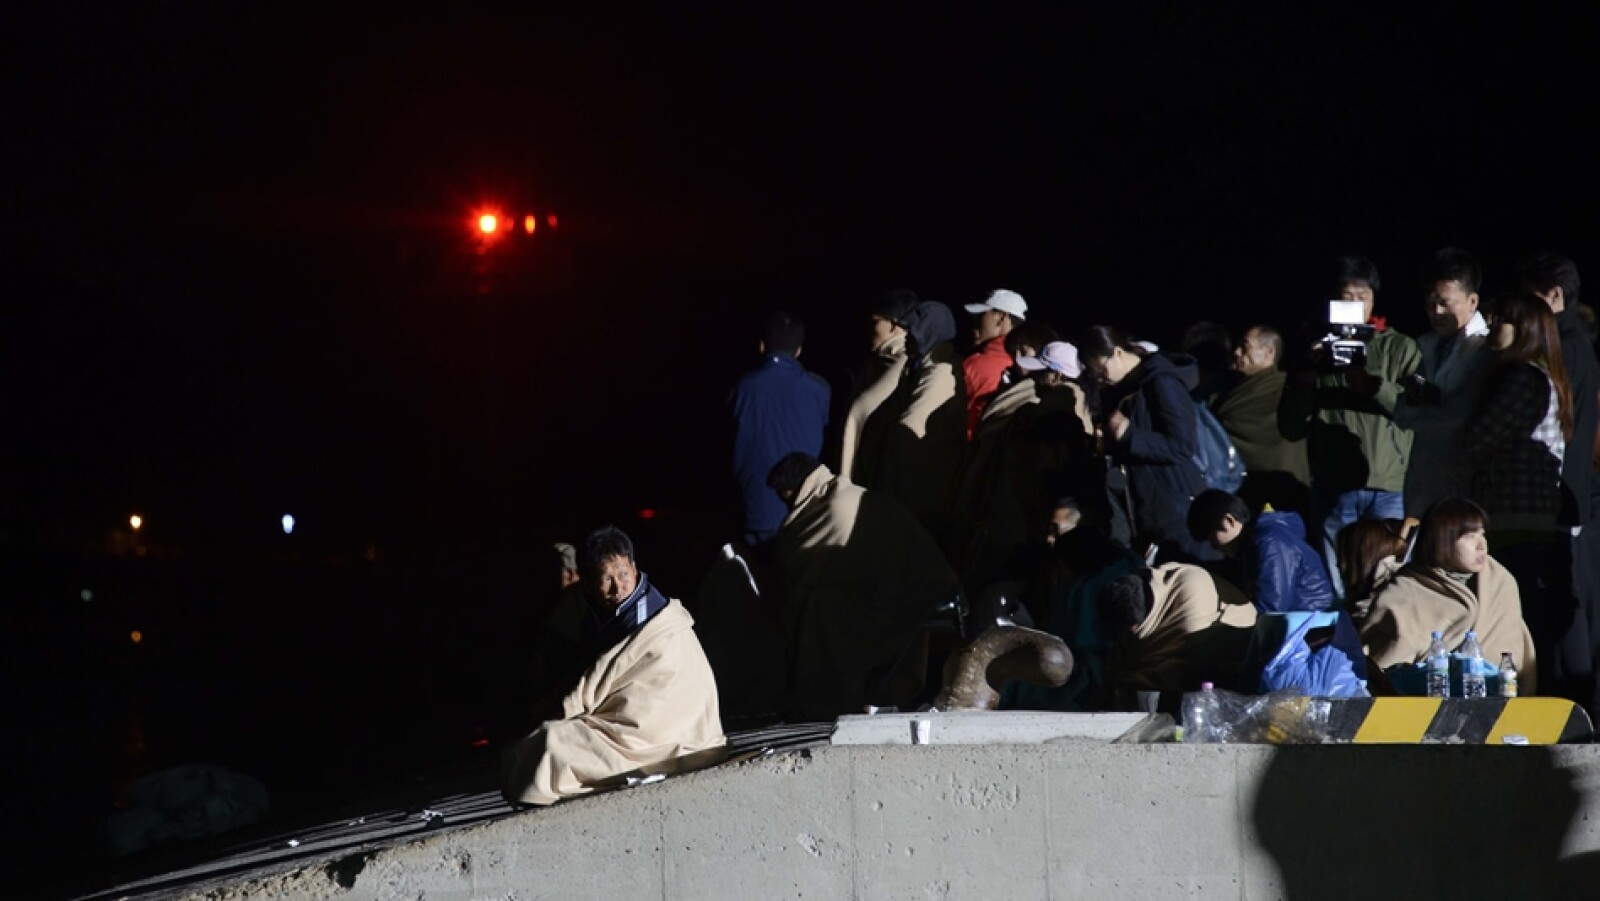 Unas 179 personas han sido rescatadas, según medios locales. El número exacto de desaparecidos no está claro